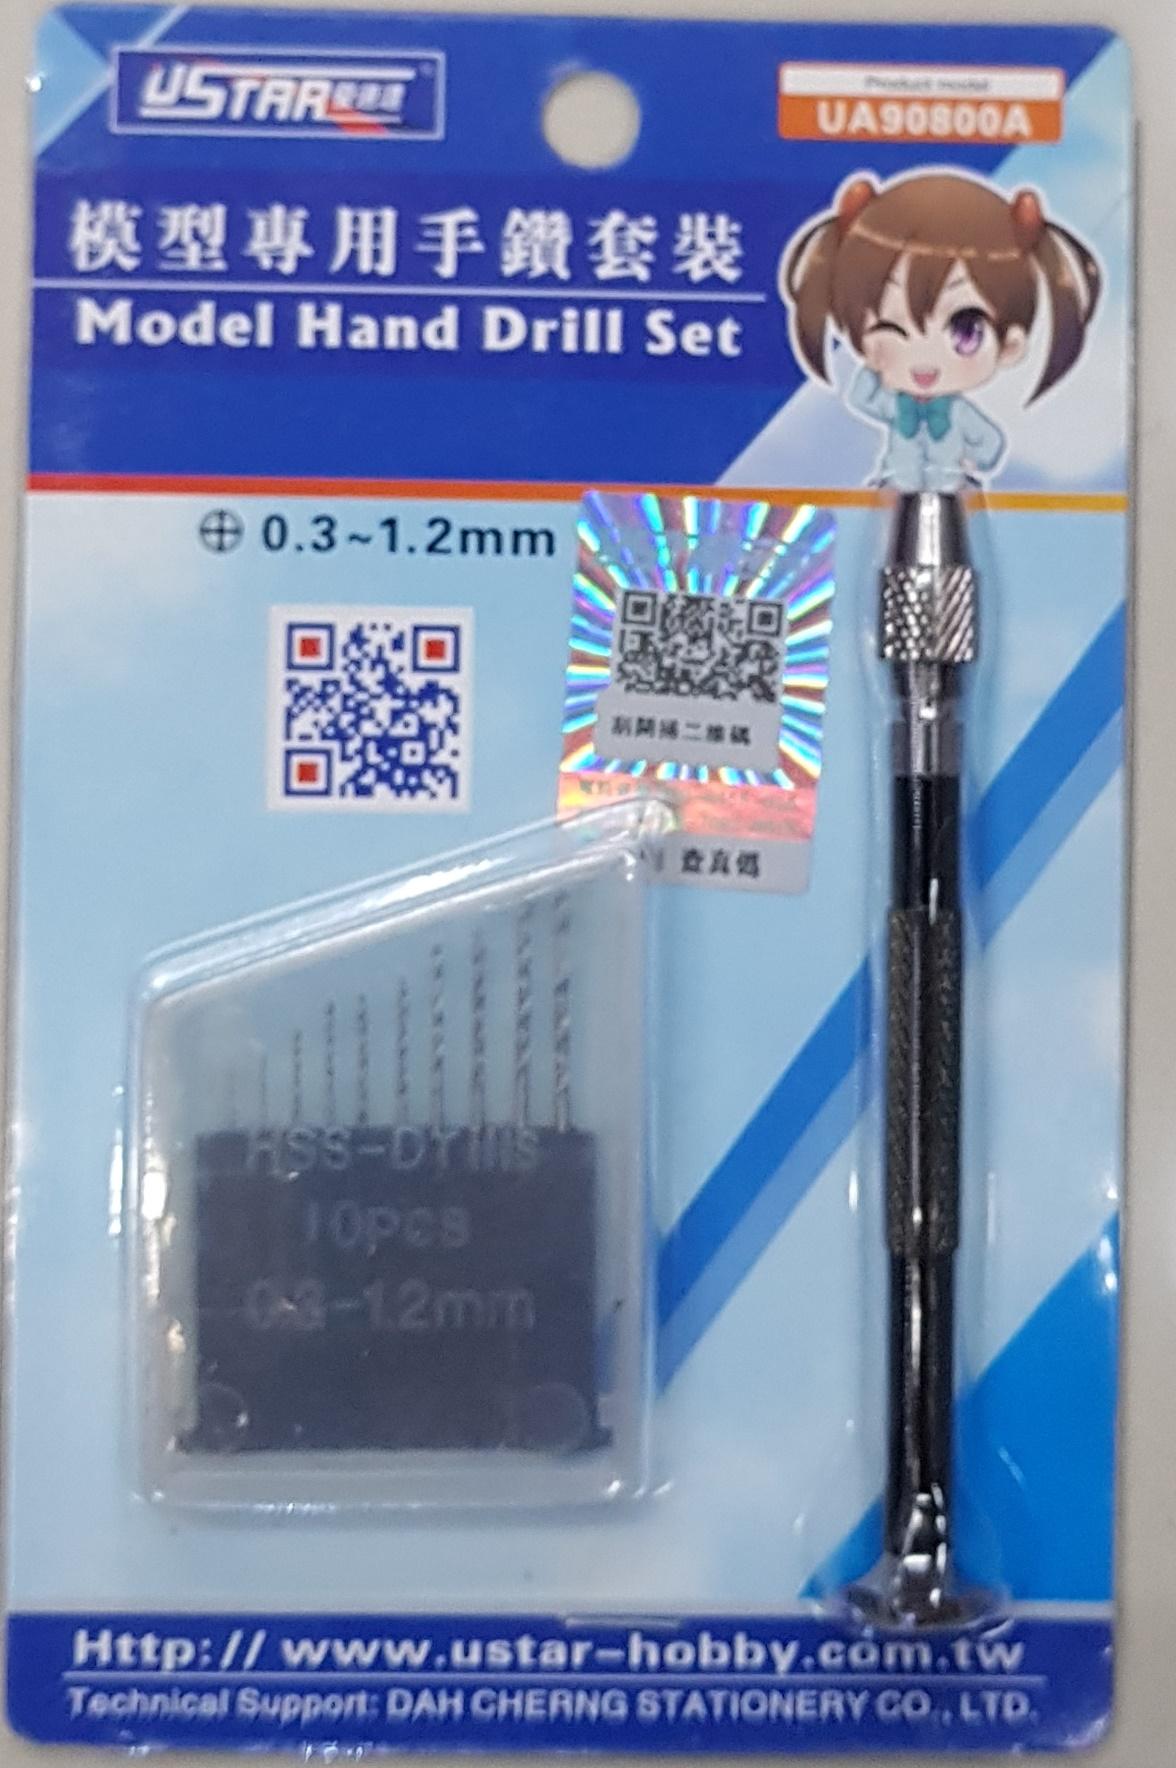 สว่านมือ ขนาด 0.1 - 1.0 mm + ดอก 0.3-1.2 mm U - STAR